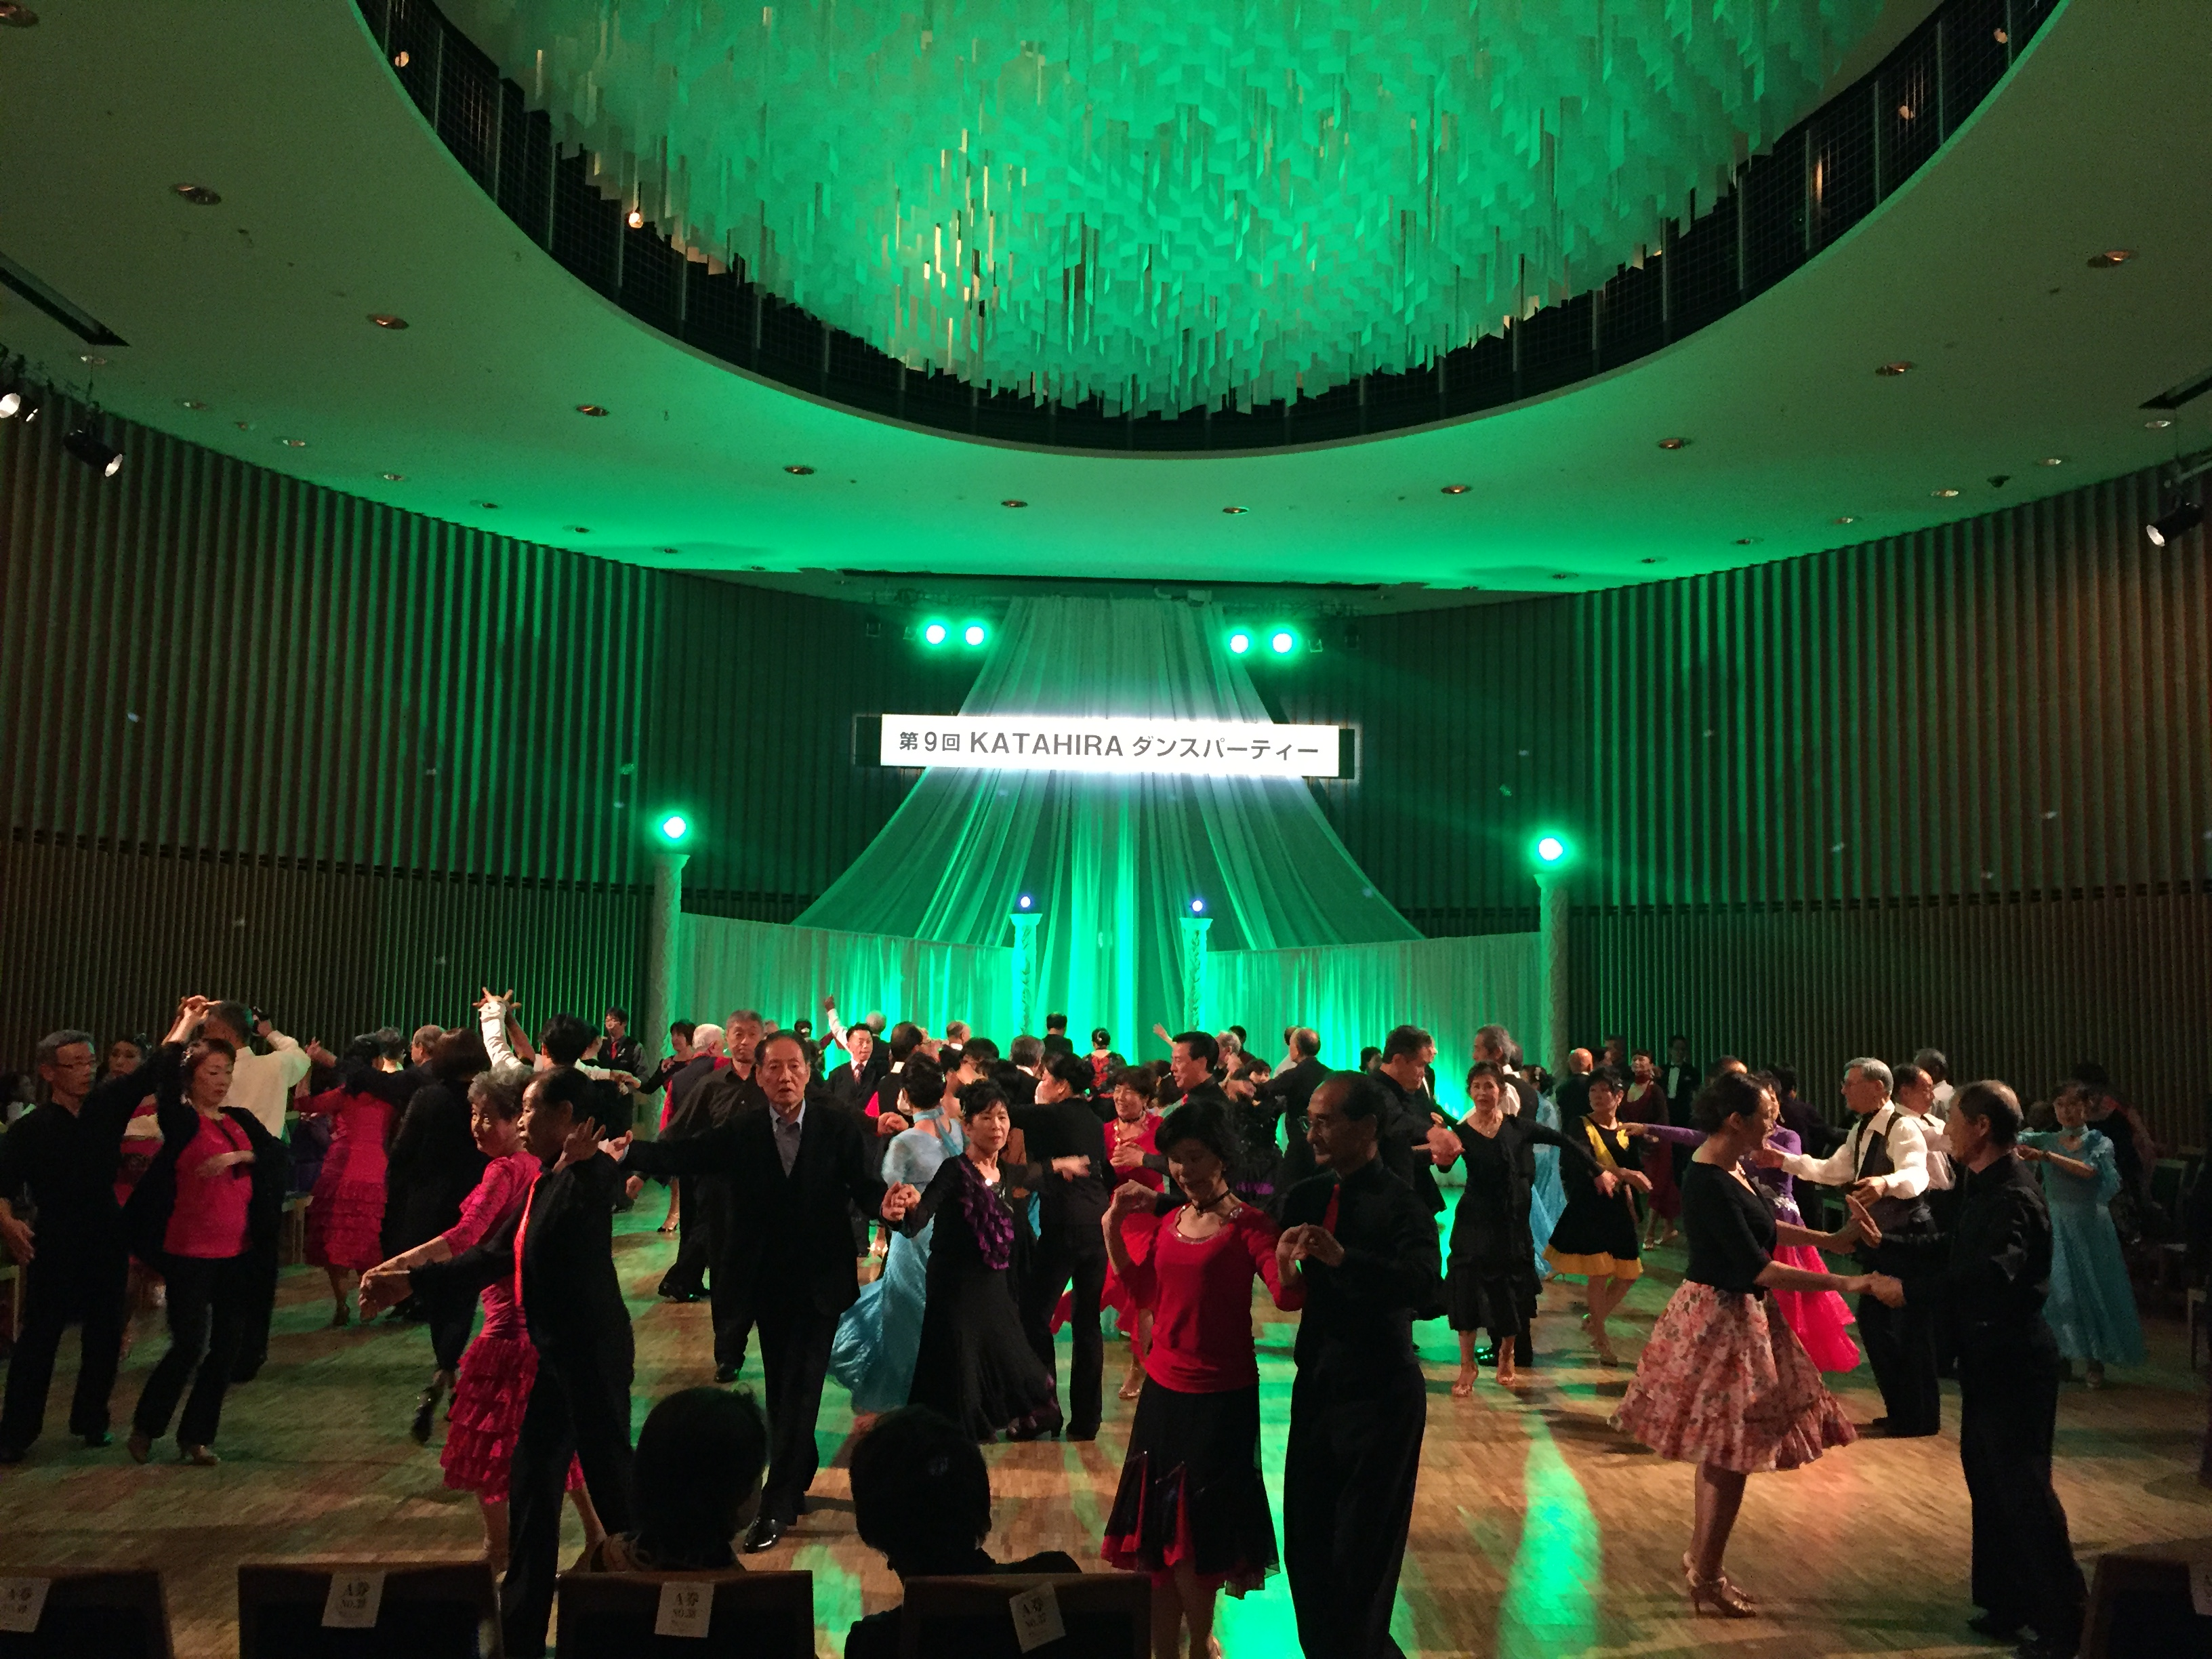 Dance Studio KATAHIRA 第9回ダンスパーティー